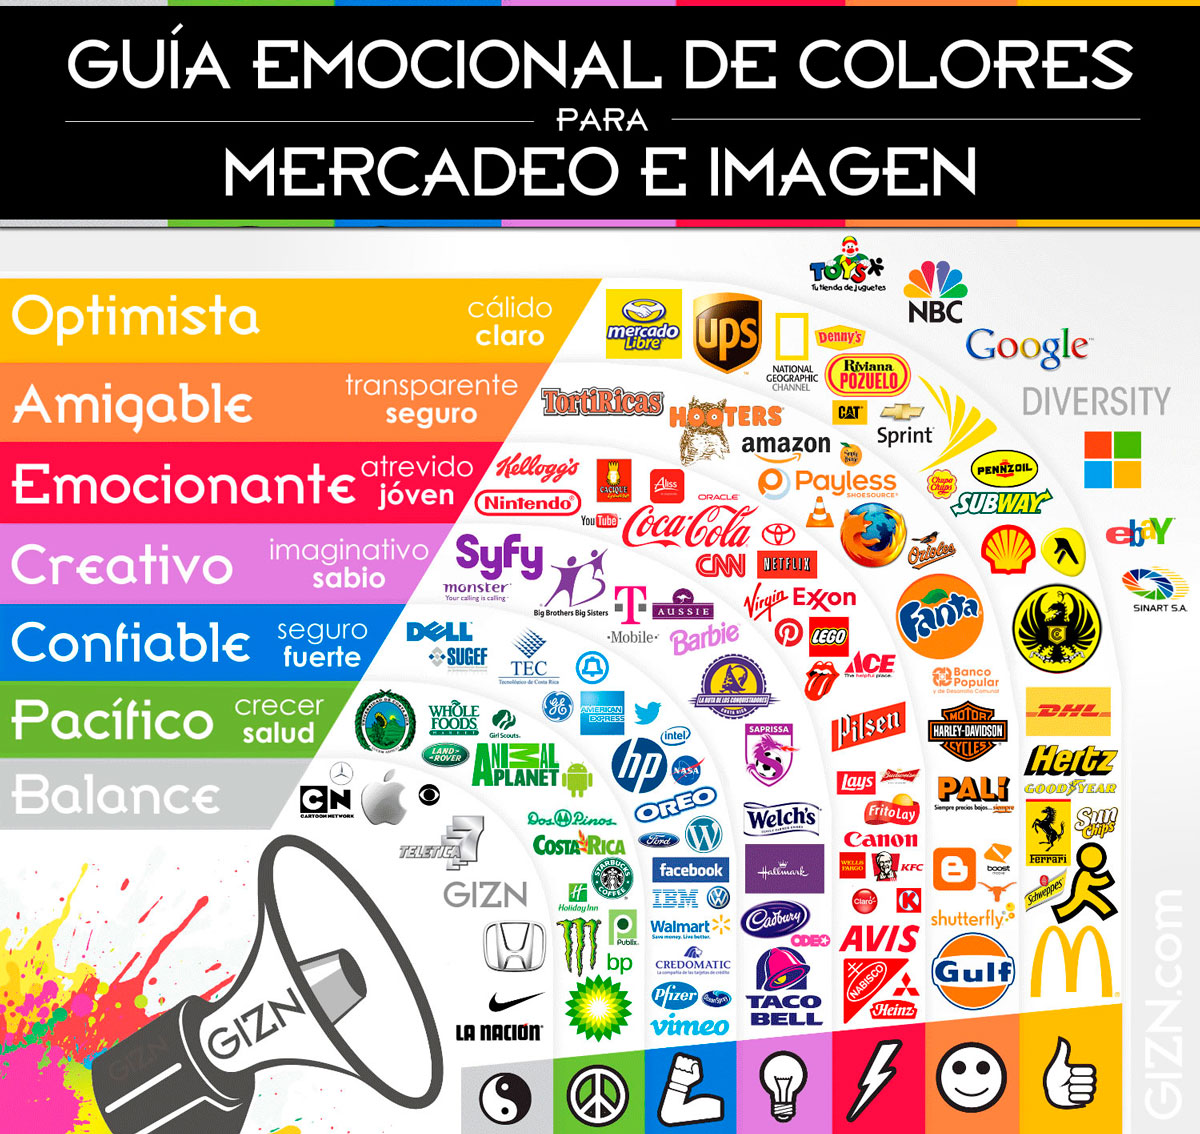 Guia-emocional-de-colores-en-el-marketing